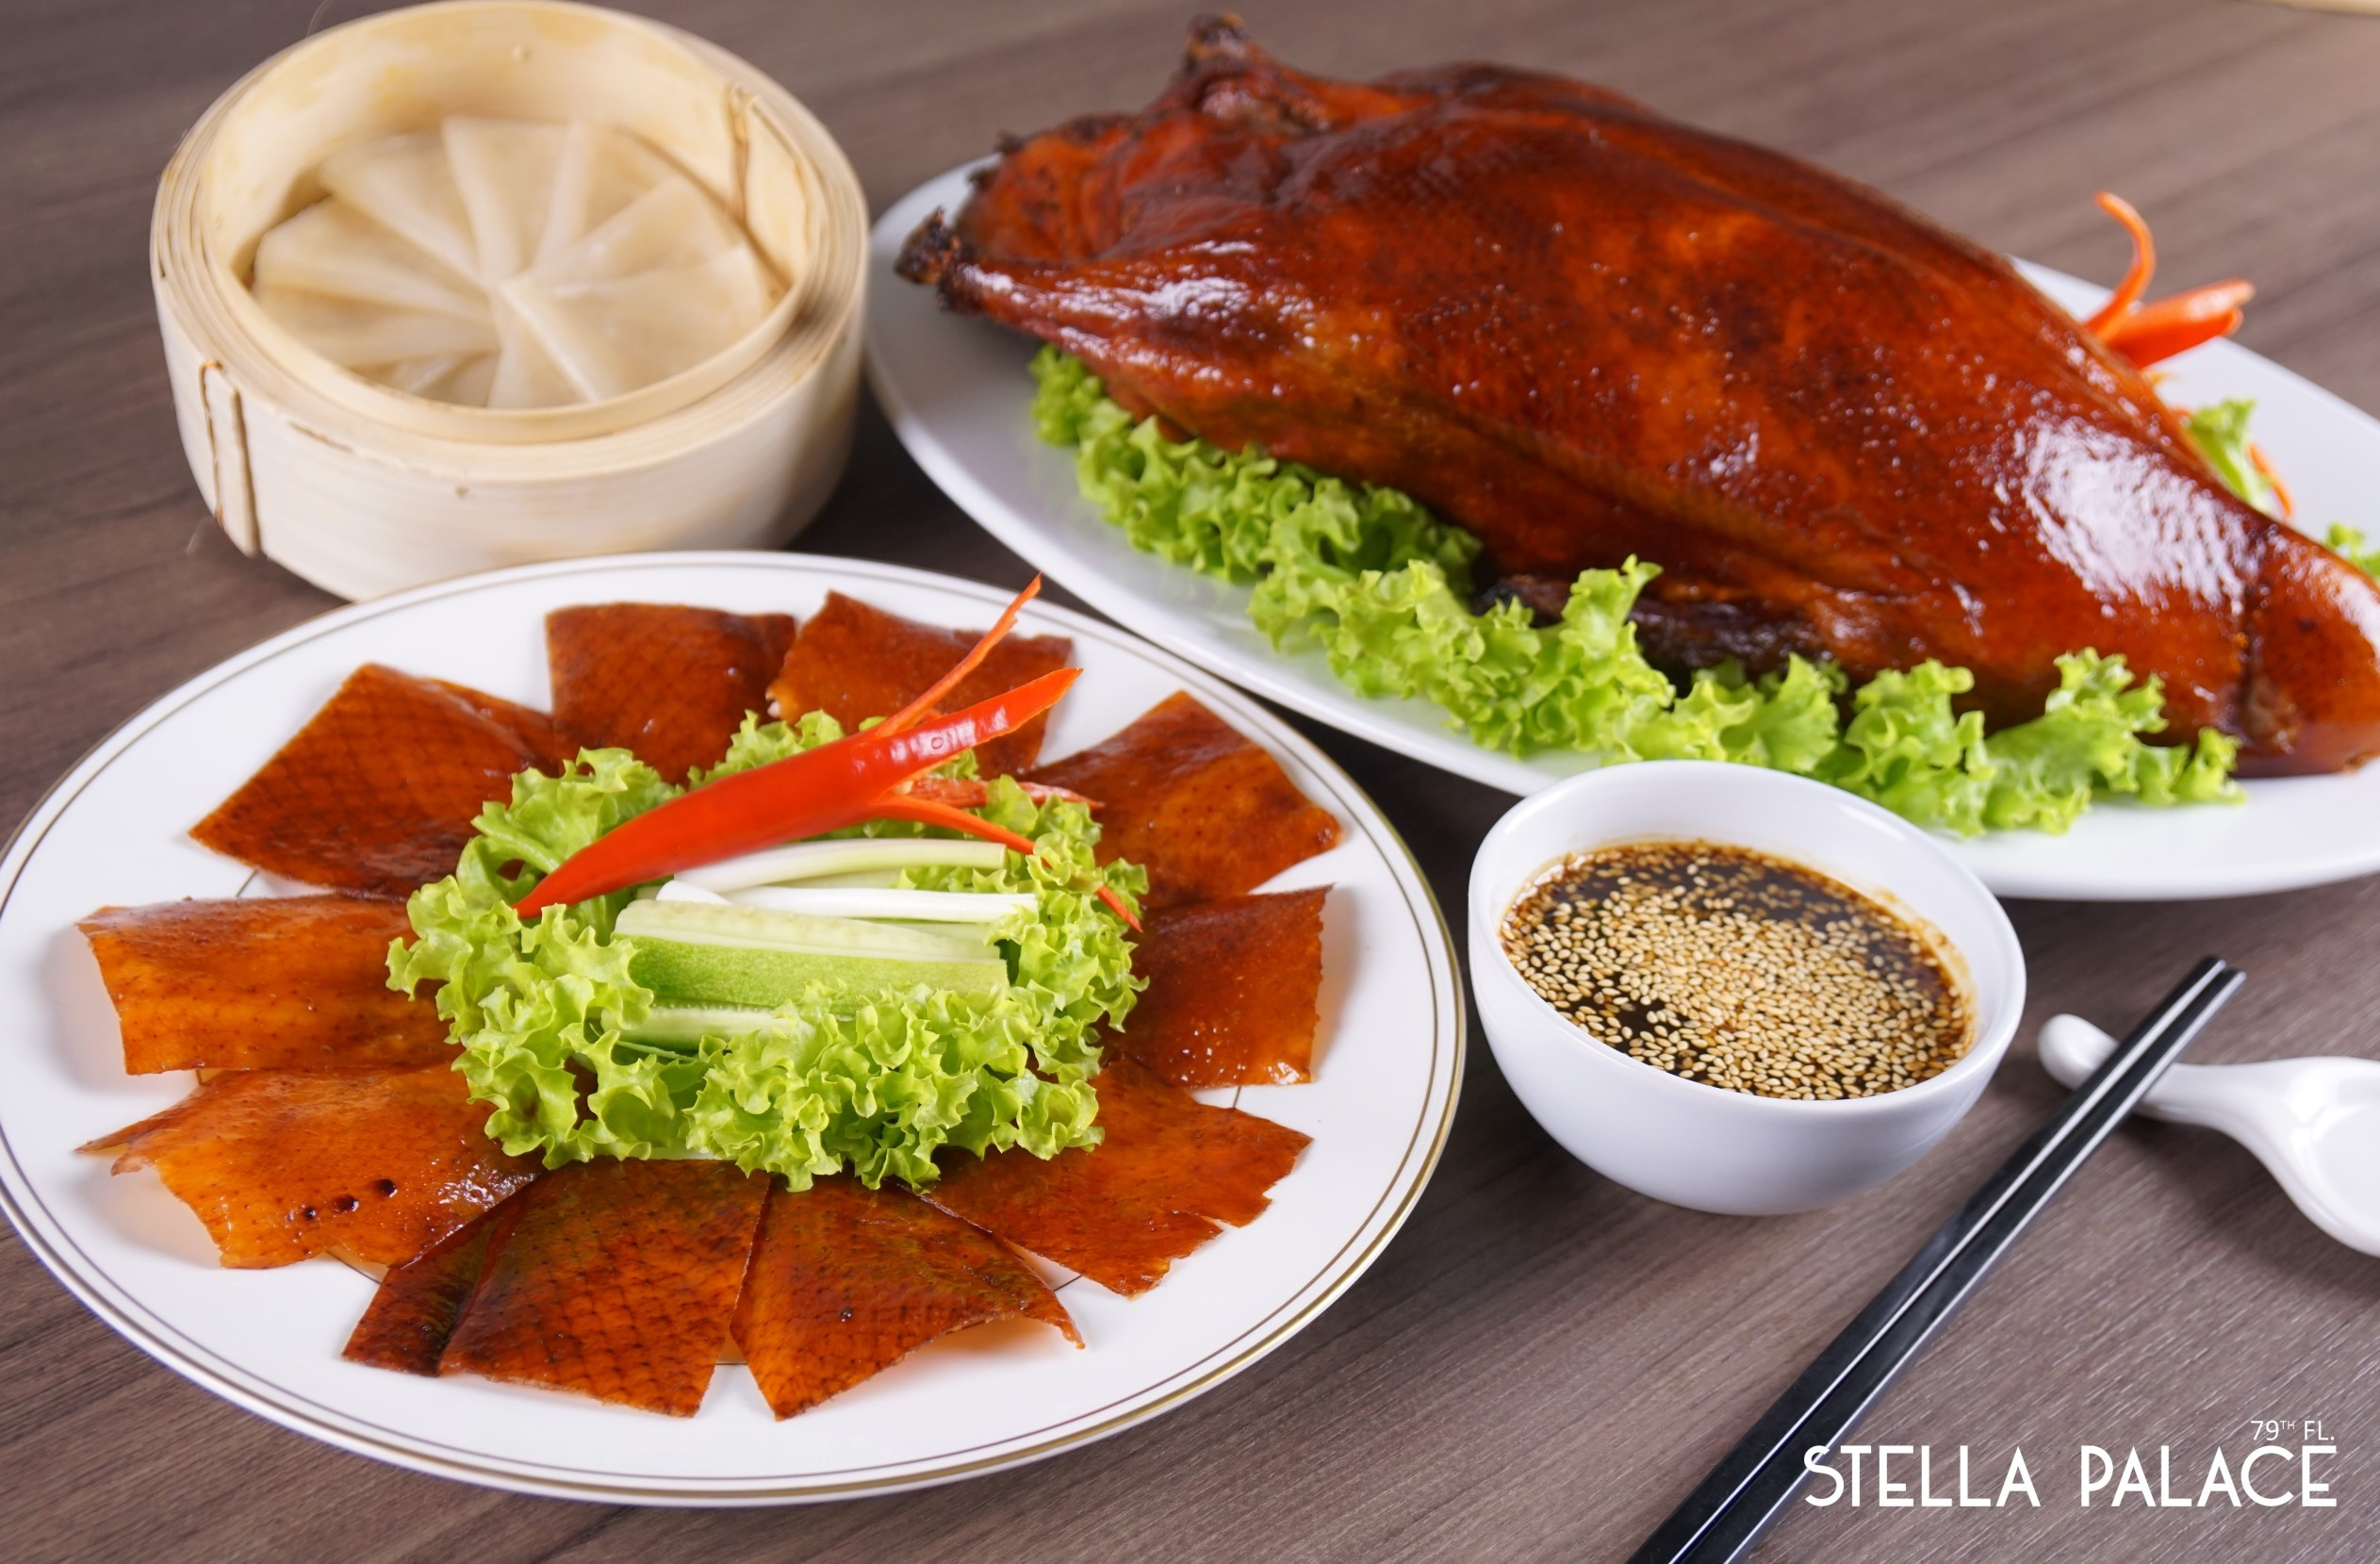 Stella Palace Restaurant at Baiyoke Sky Hotel